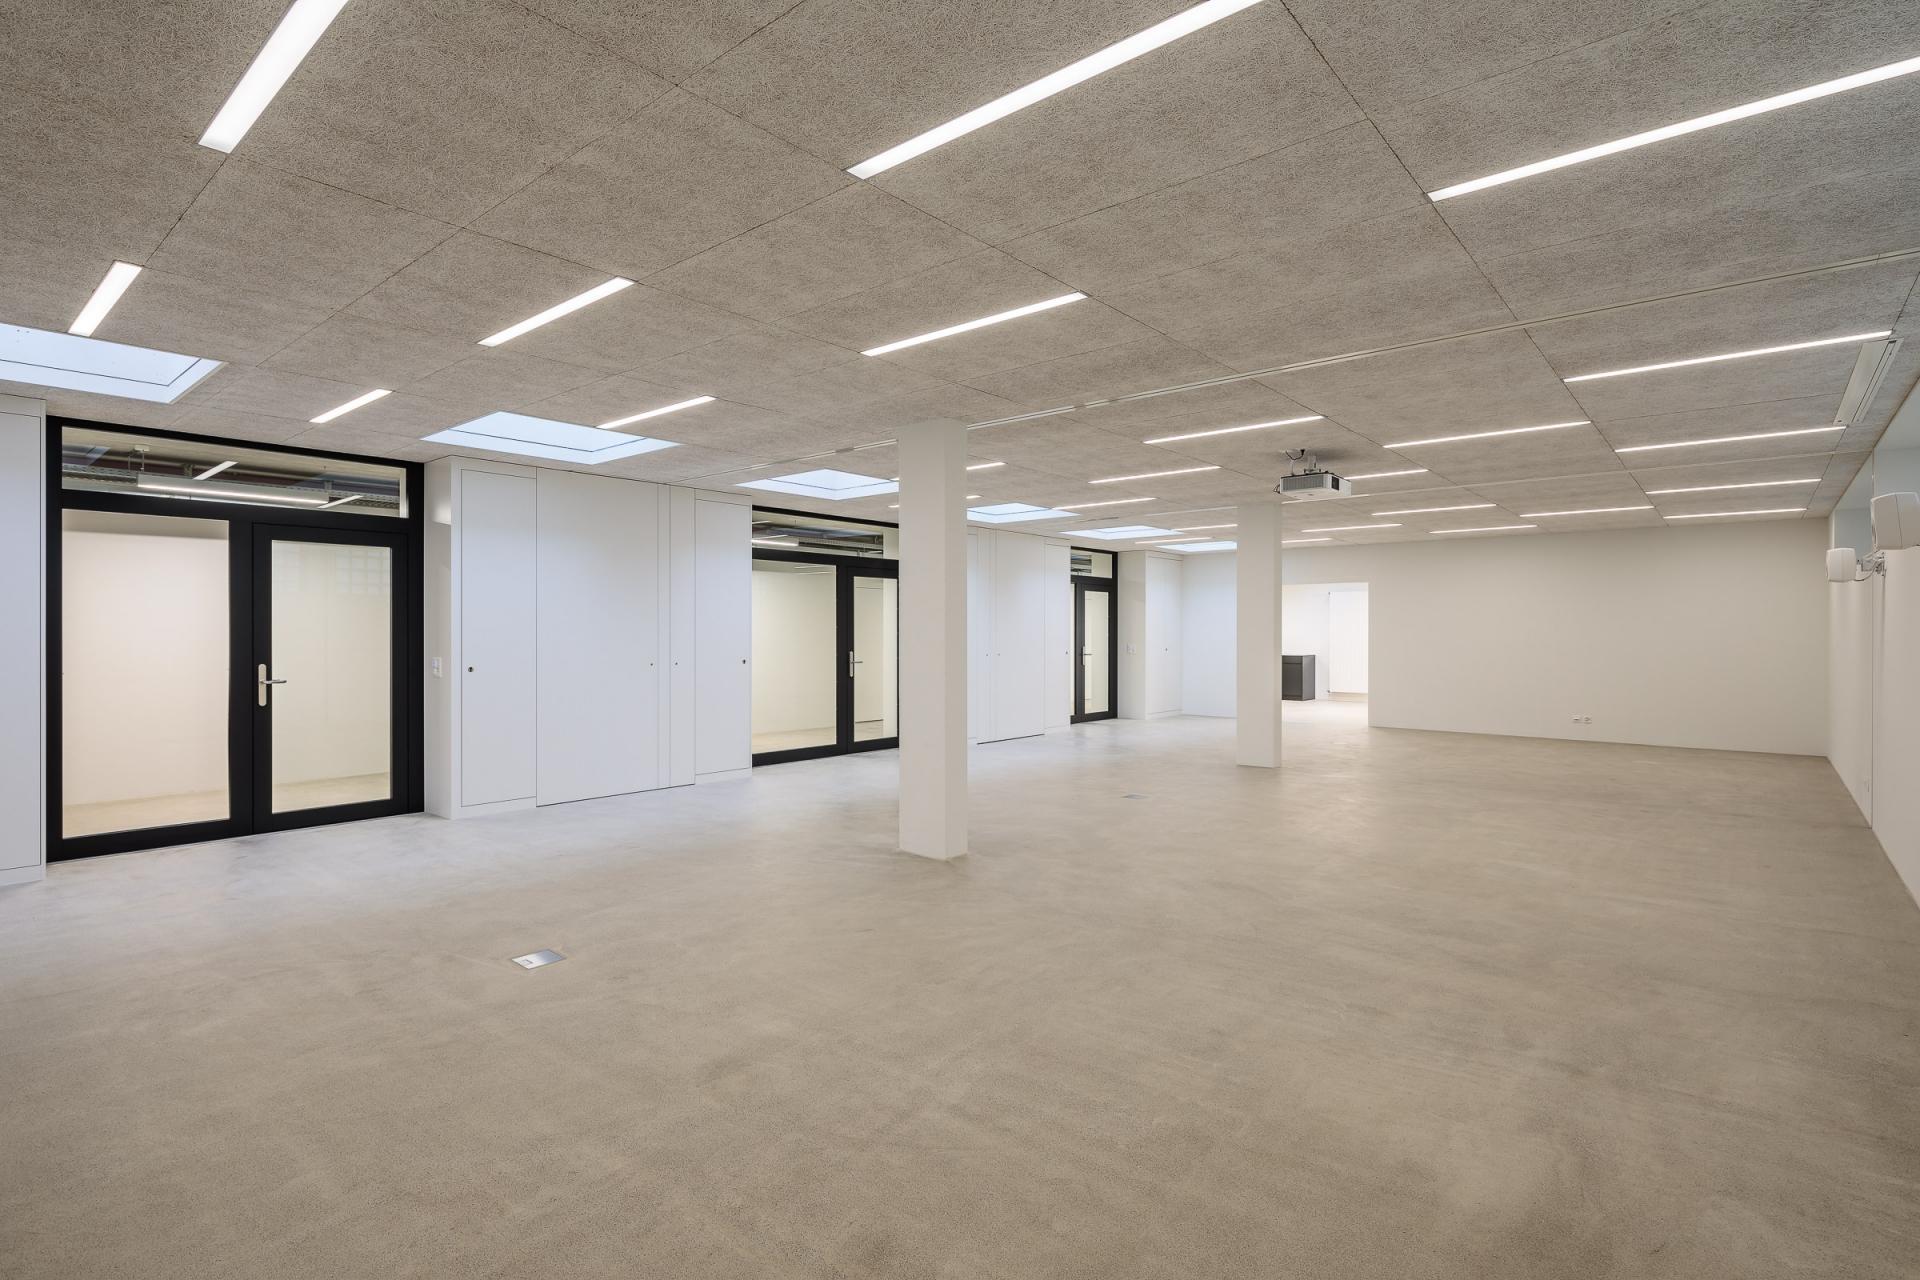 buan-architekten-umbau bueroraeume unterlachenstrasse ig arbeit-luzern-grossraum